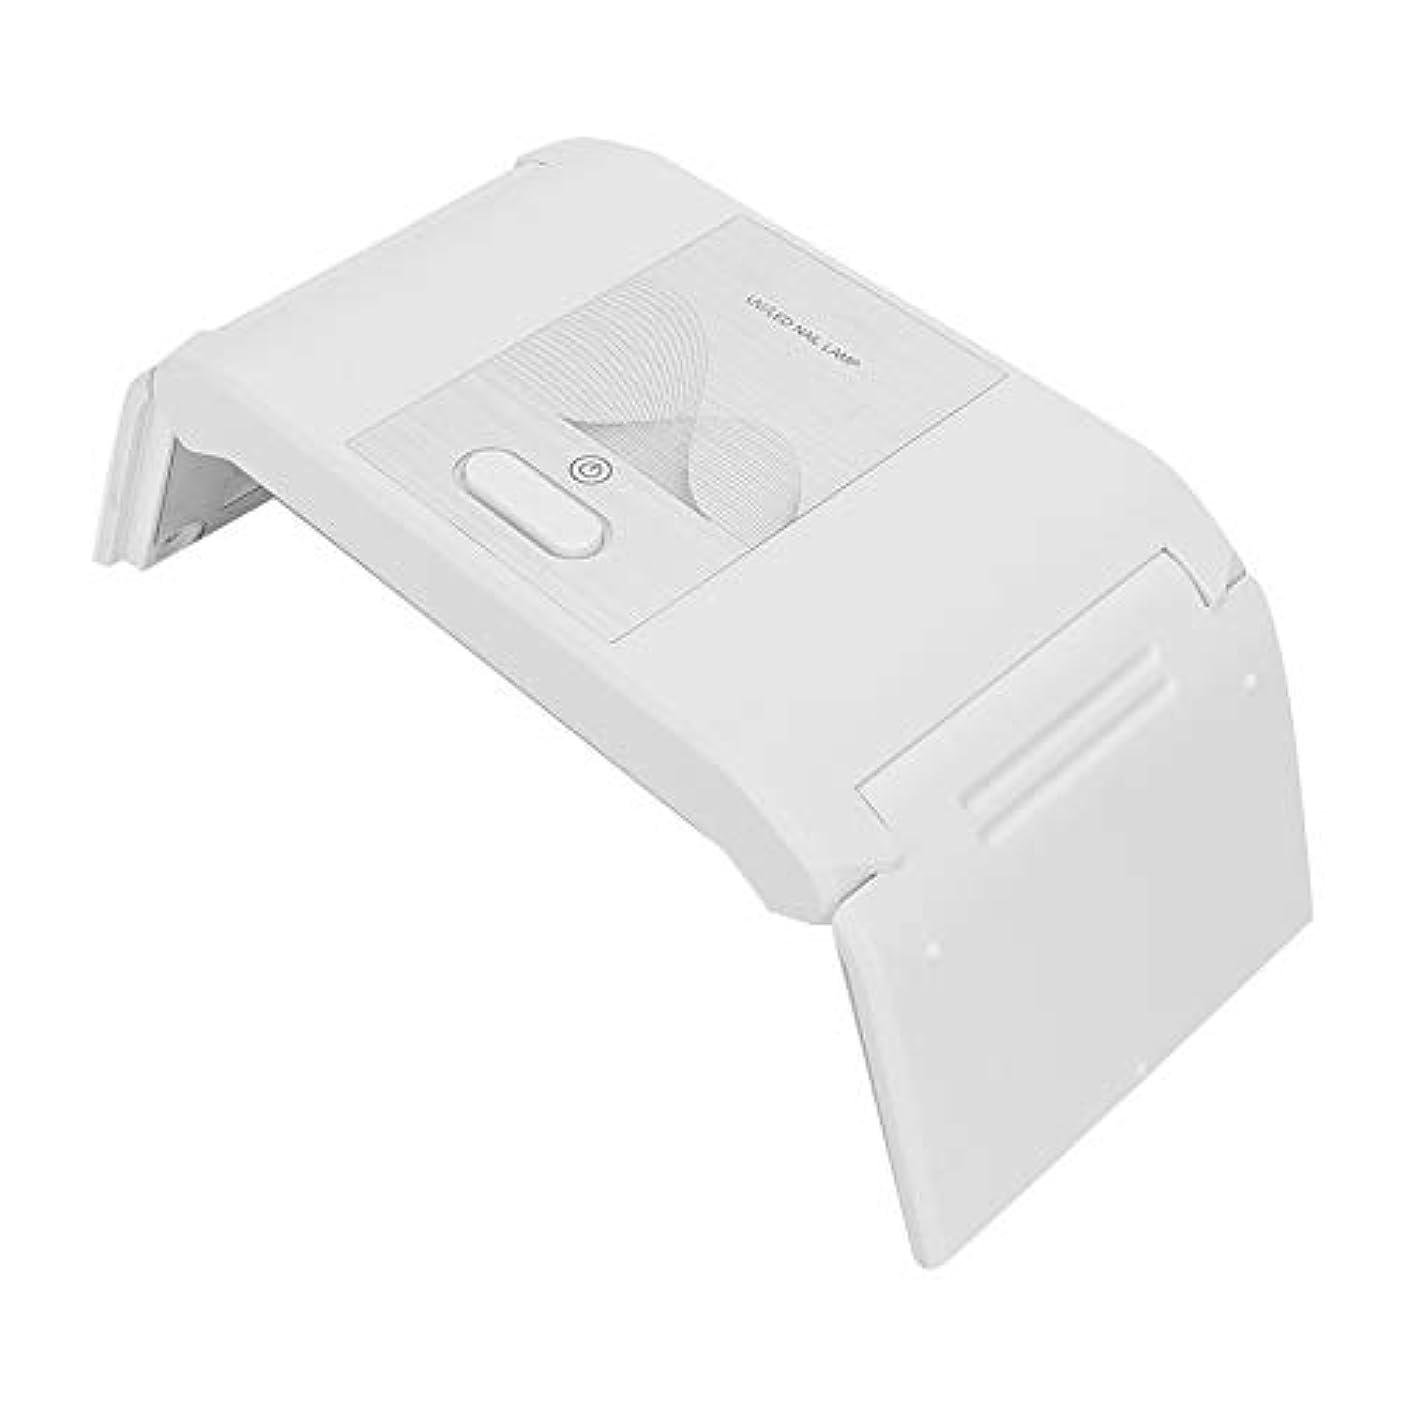 重力悲劇的なラインネイルドライヤー 24W 折りたたみ ポータブル ネイルランプ USB LEDジェル付きマニキュアドライヤー ネイルアートマシン(02)